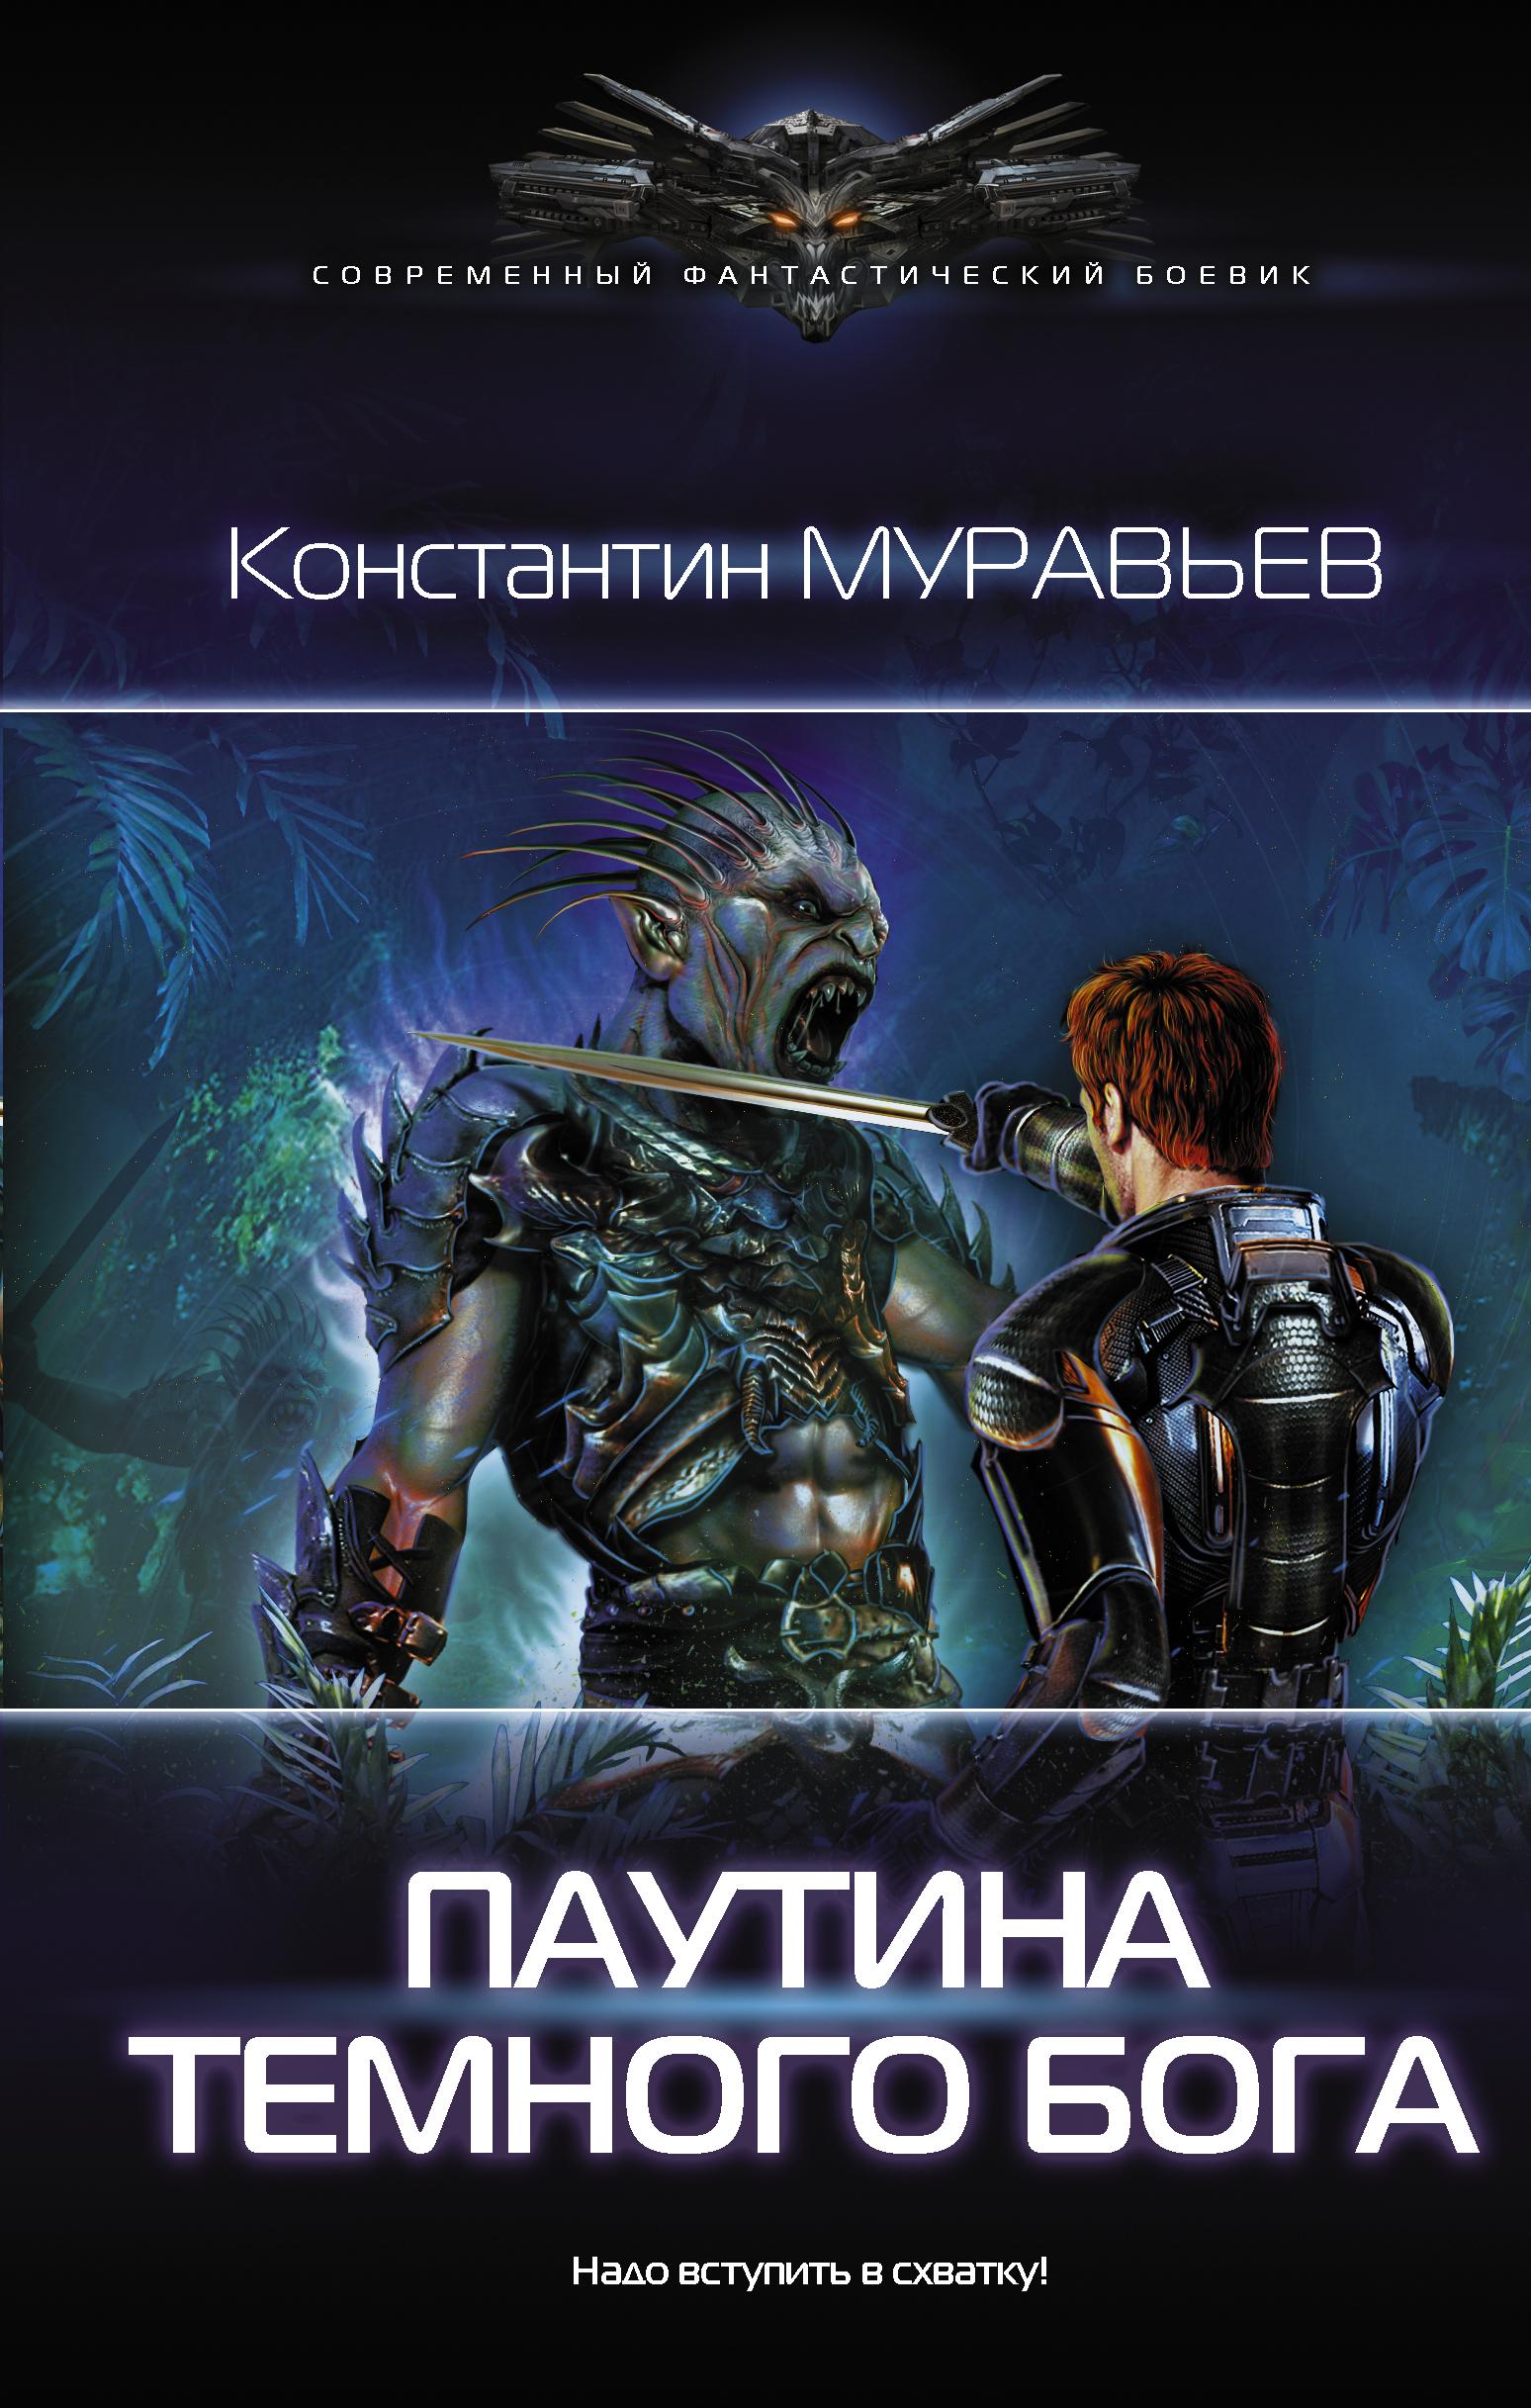 Константин Муравьев Паутина темного бога муравьев к нейтральные миры роман